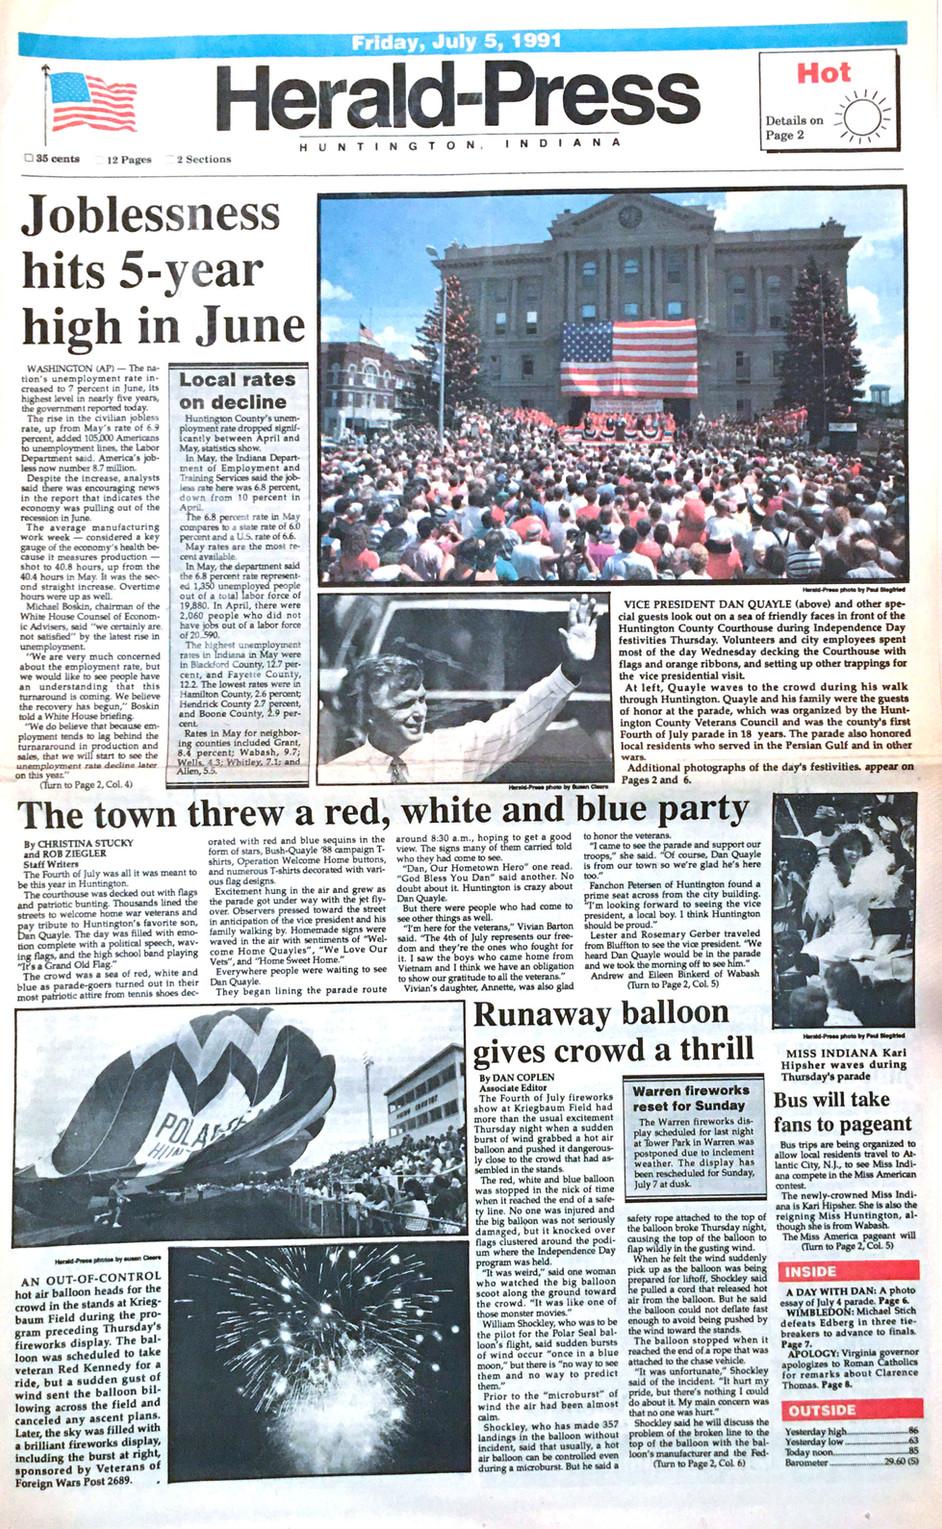 Quayle 1991 Visit 2